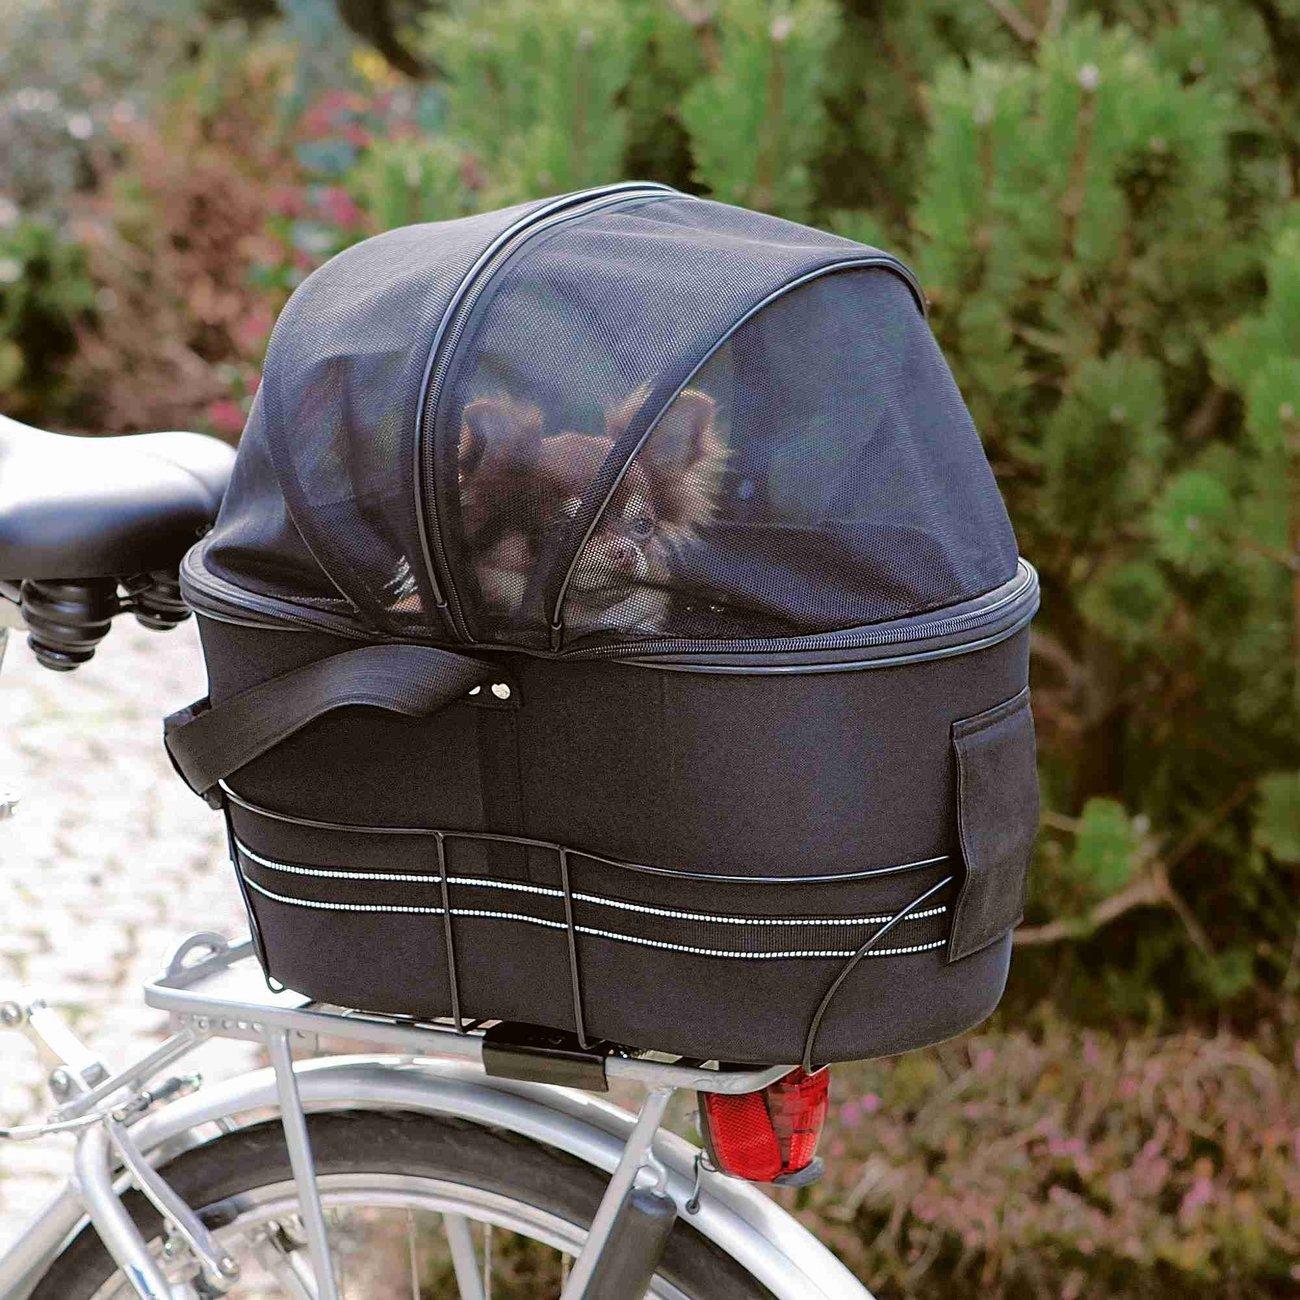 TRIXIE Fahrradtasche mit Metallrahmen für breite Gepäckträger Preview Image